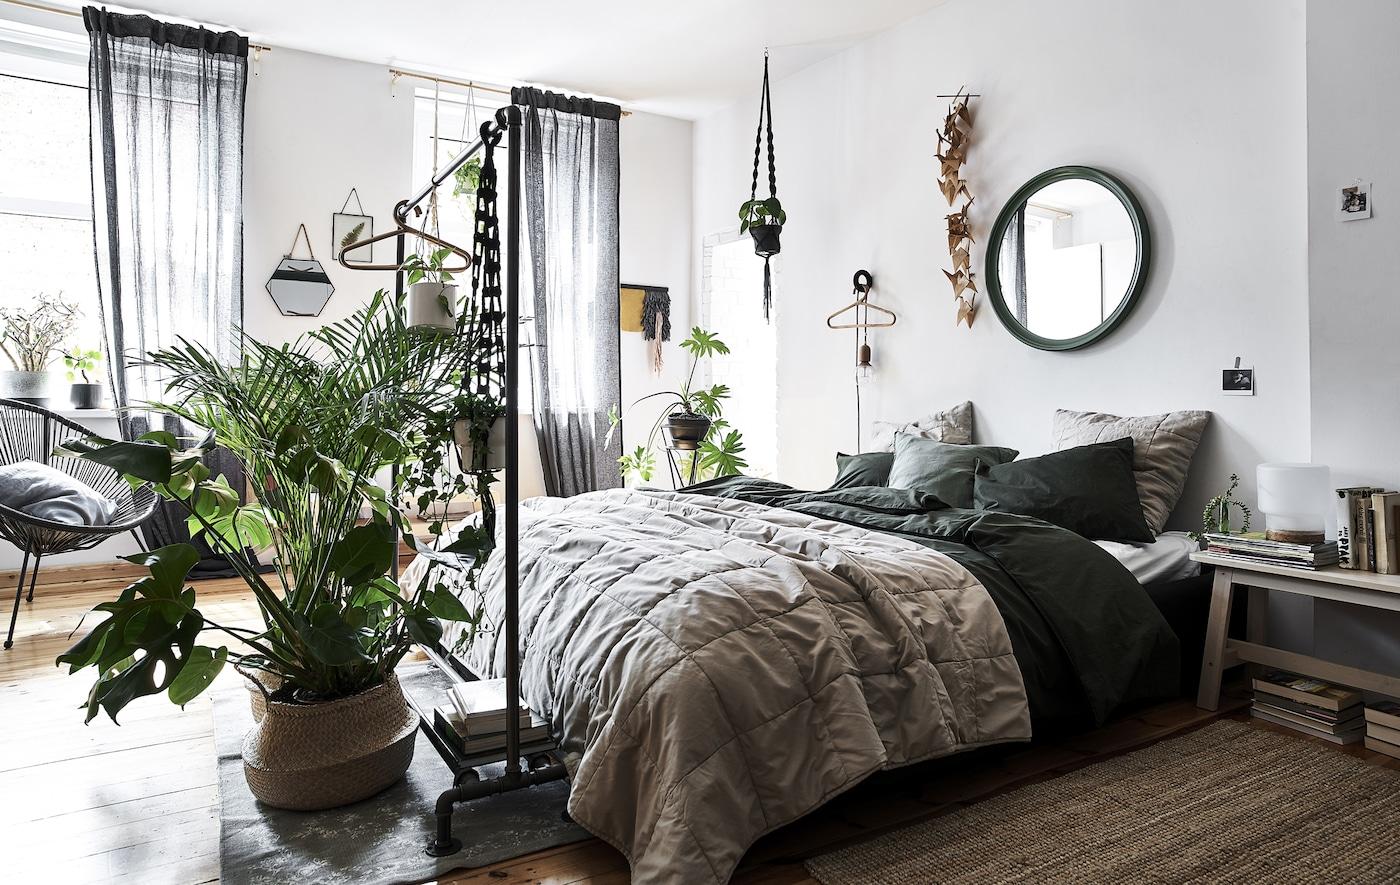 Ein Schlafzimmer mit weißen Wänden, naturfarbener Bettwäsche und Pflanzen in Weidekörben.